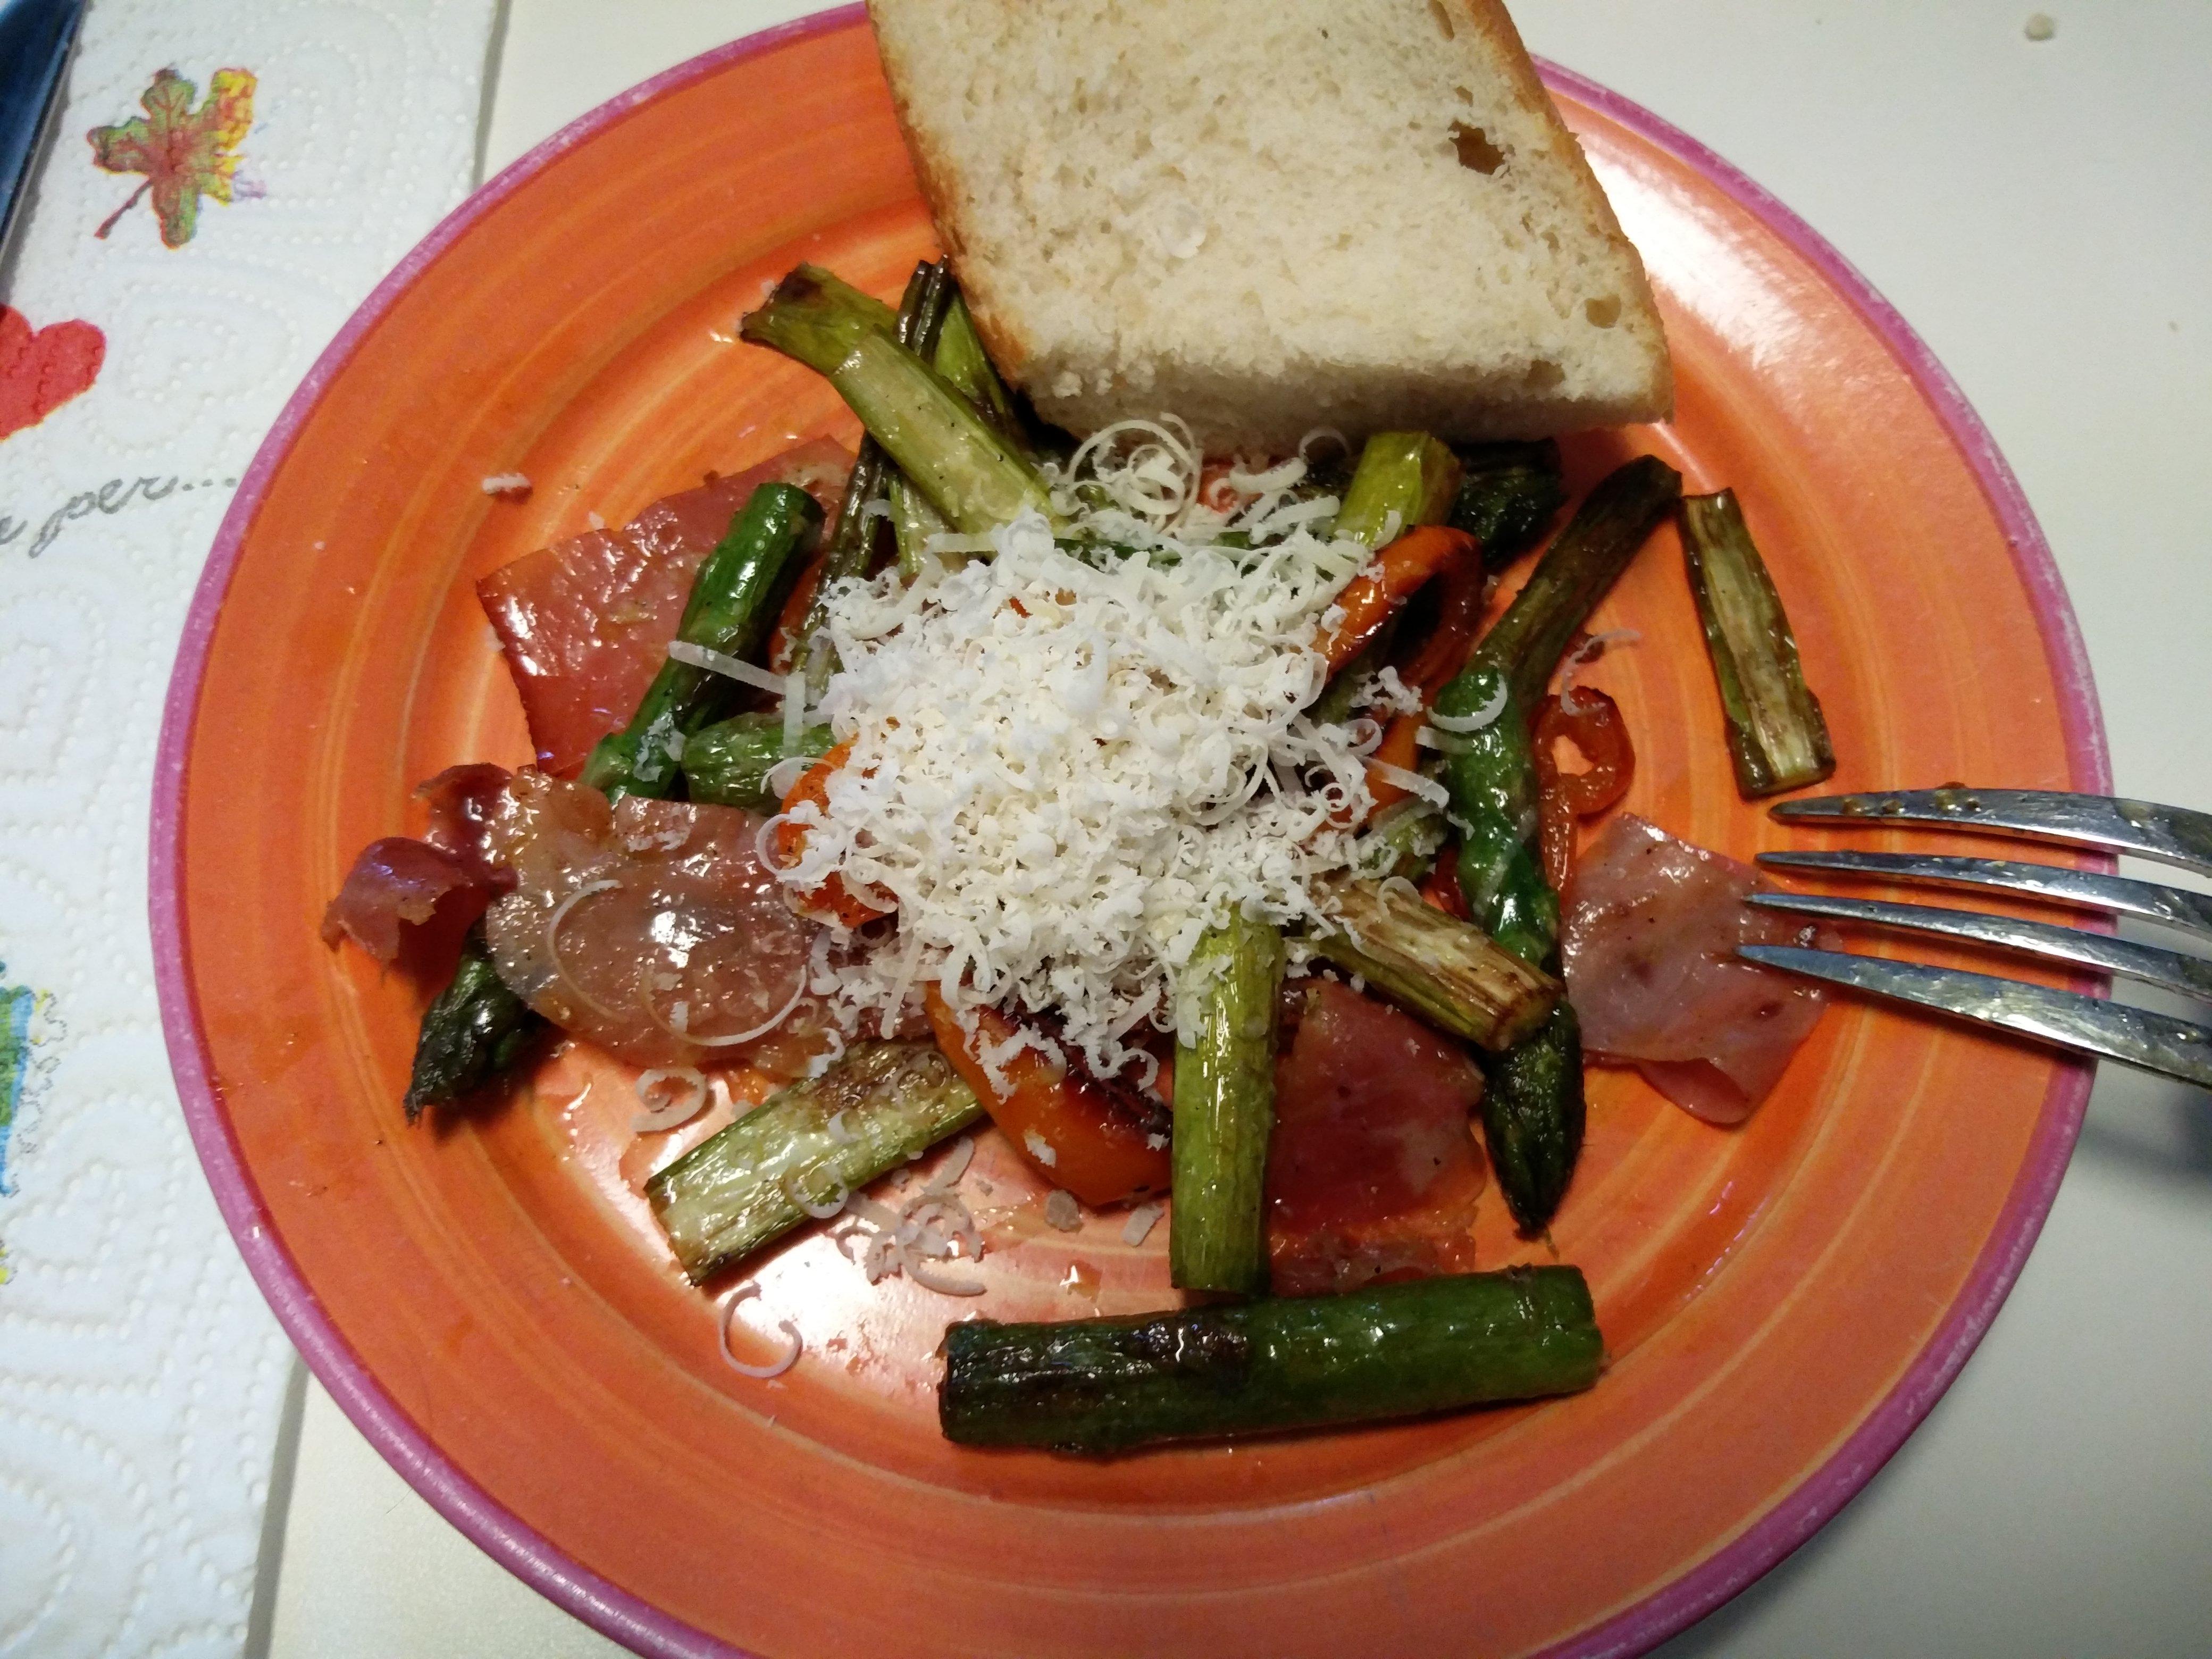 http://foodloader.net/nico_2016-05-06_gruener-spargel-mit-speck.jpg